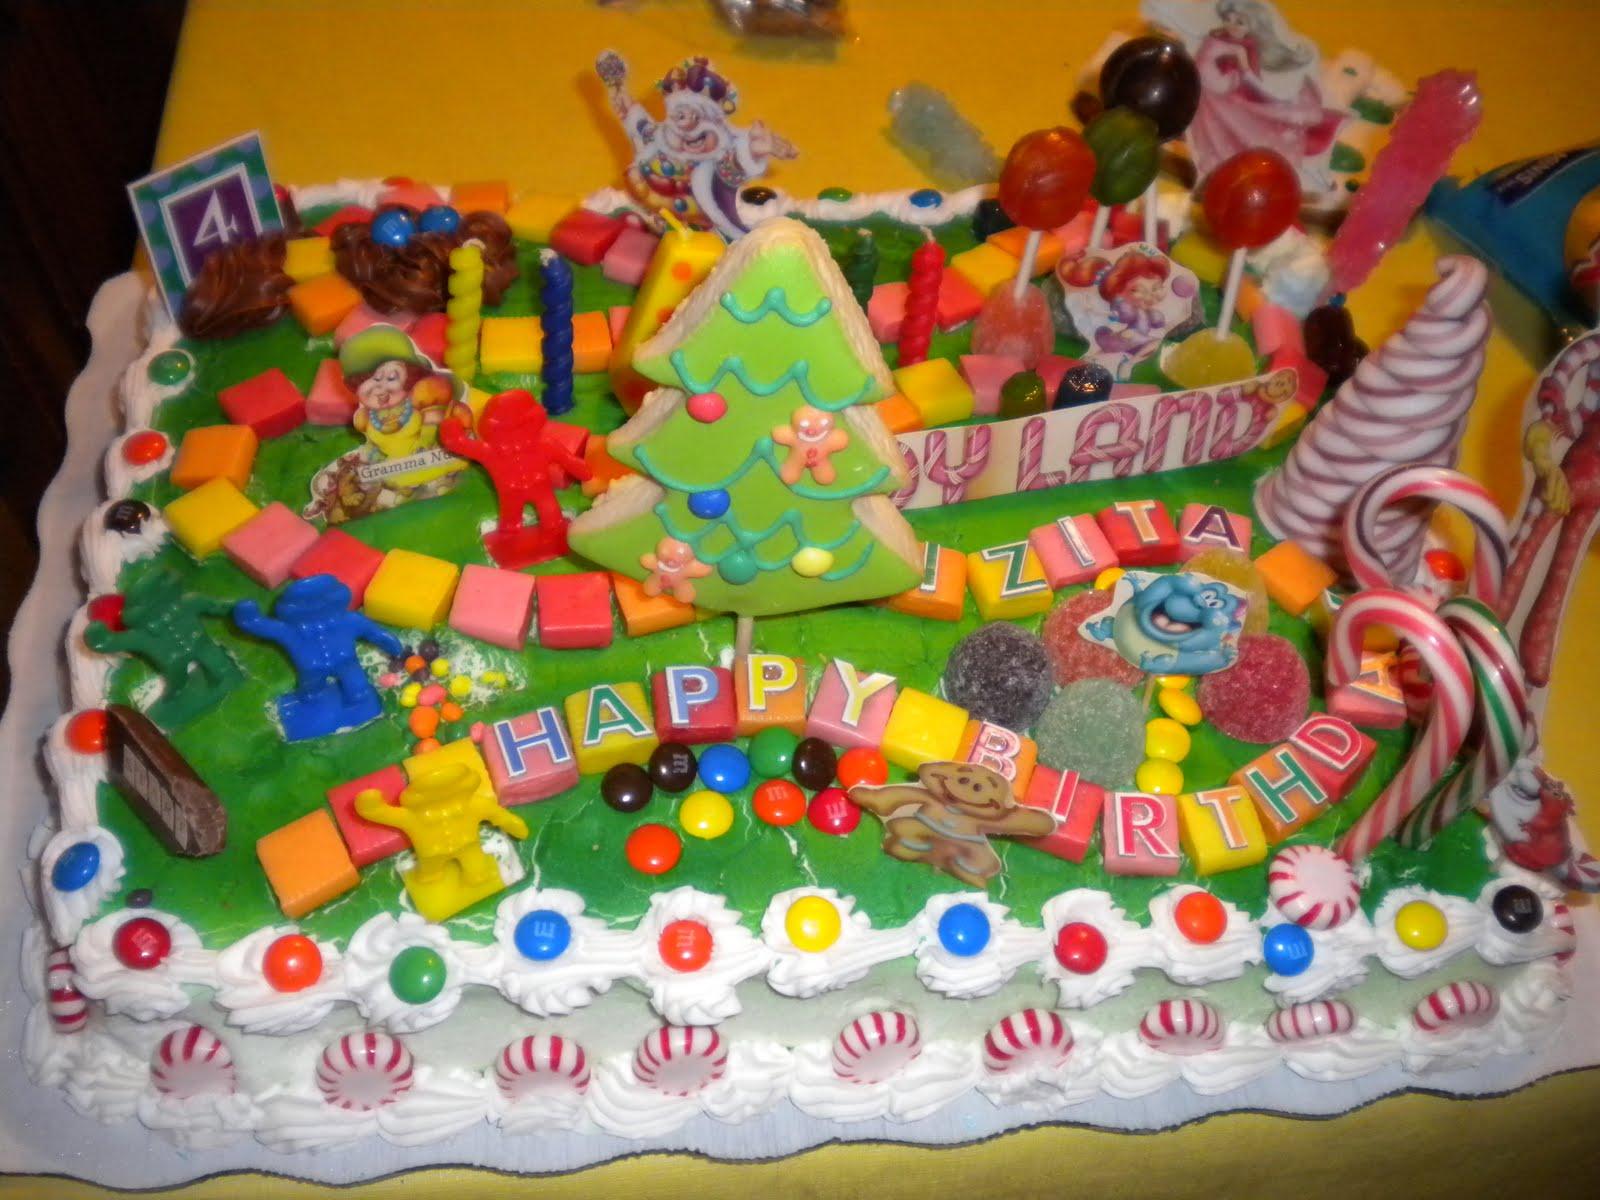 Celebrations Cake Decorating Shop Heckmondwike